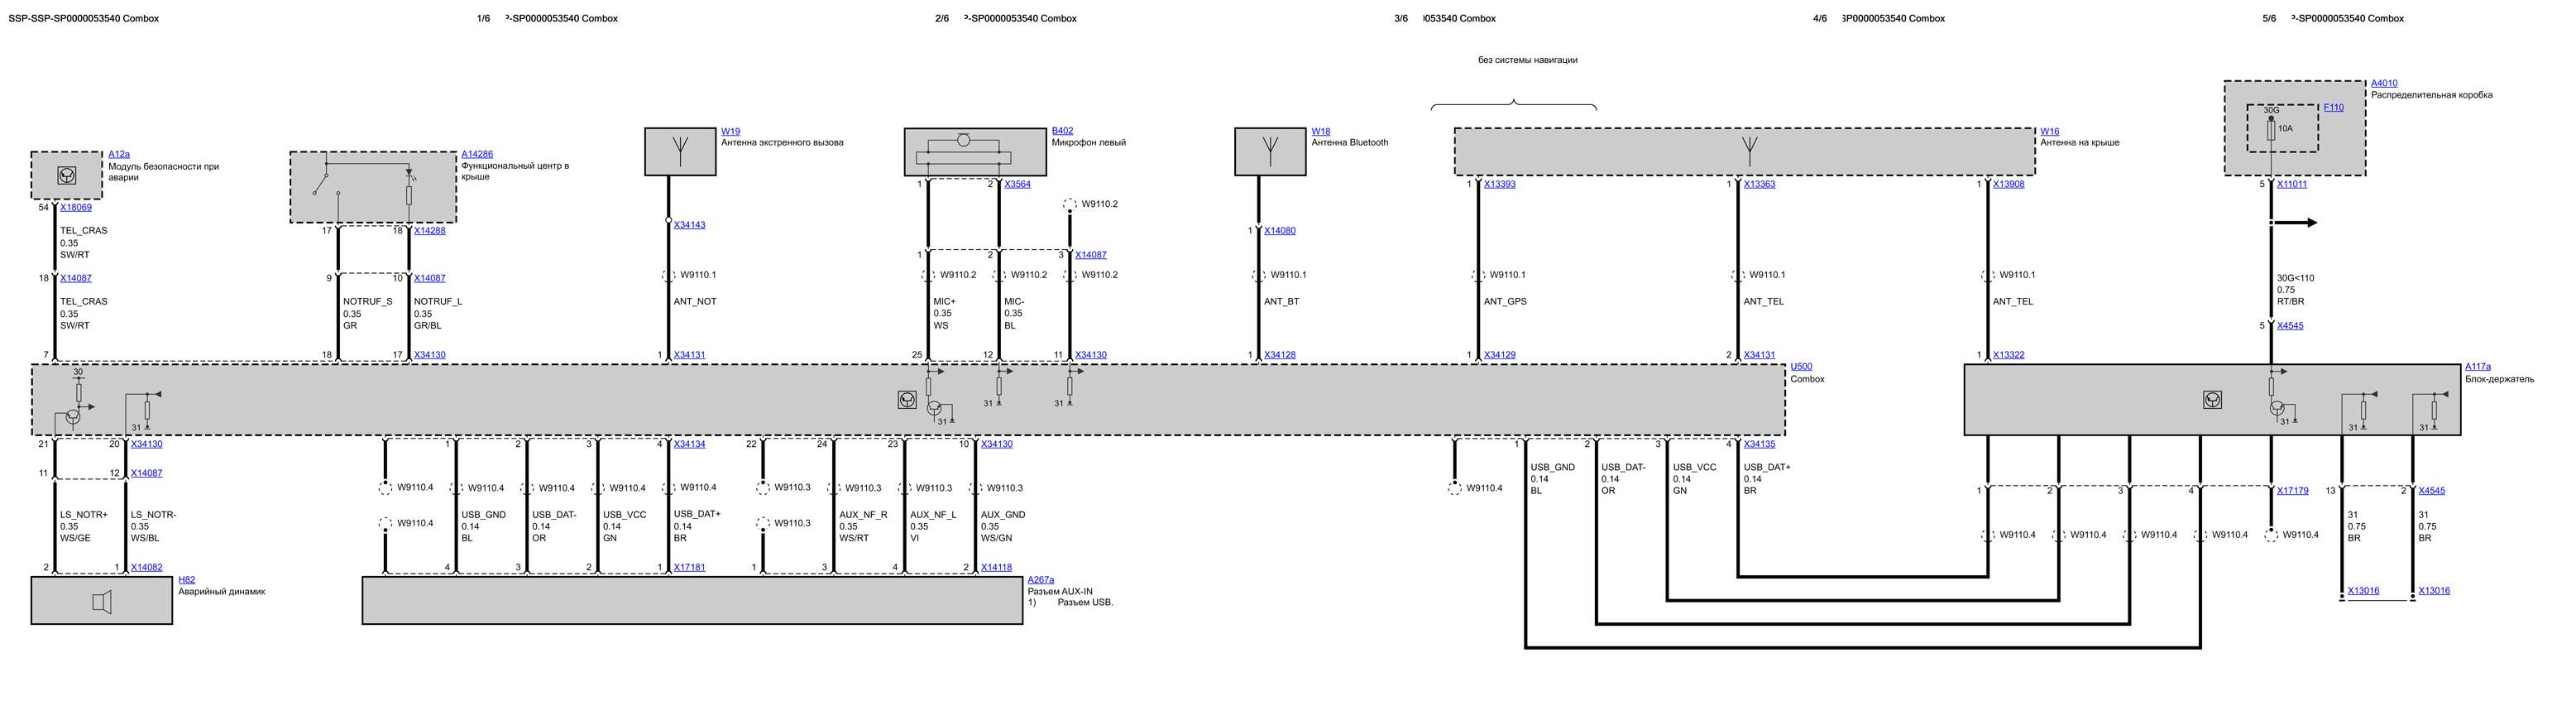 Combox_e71.jpg